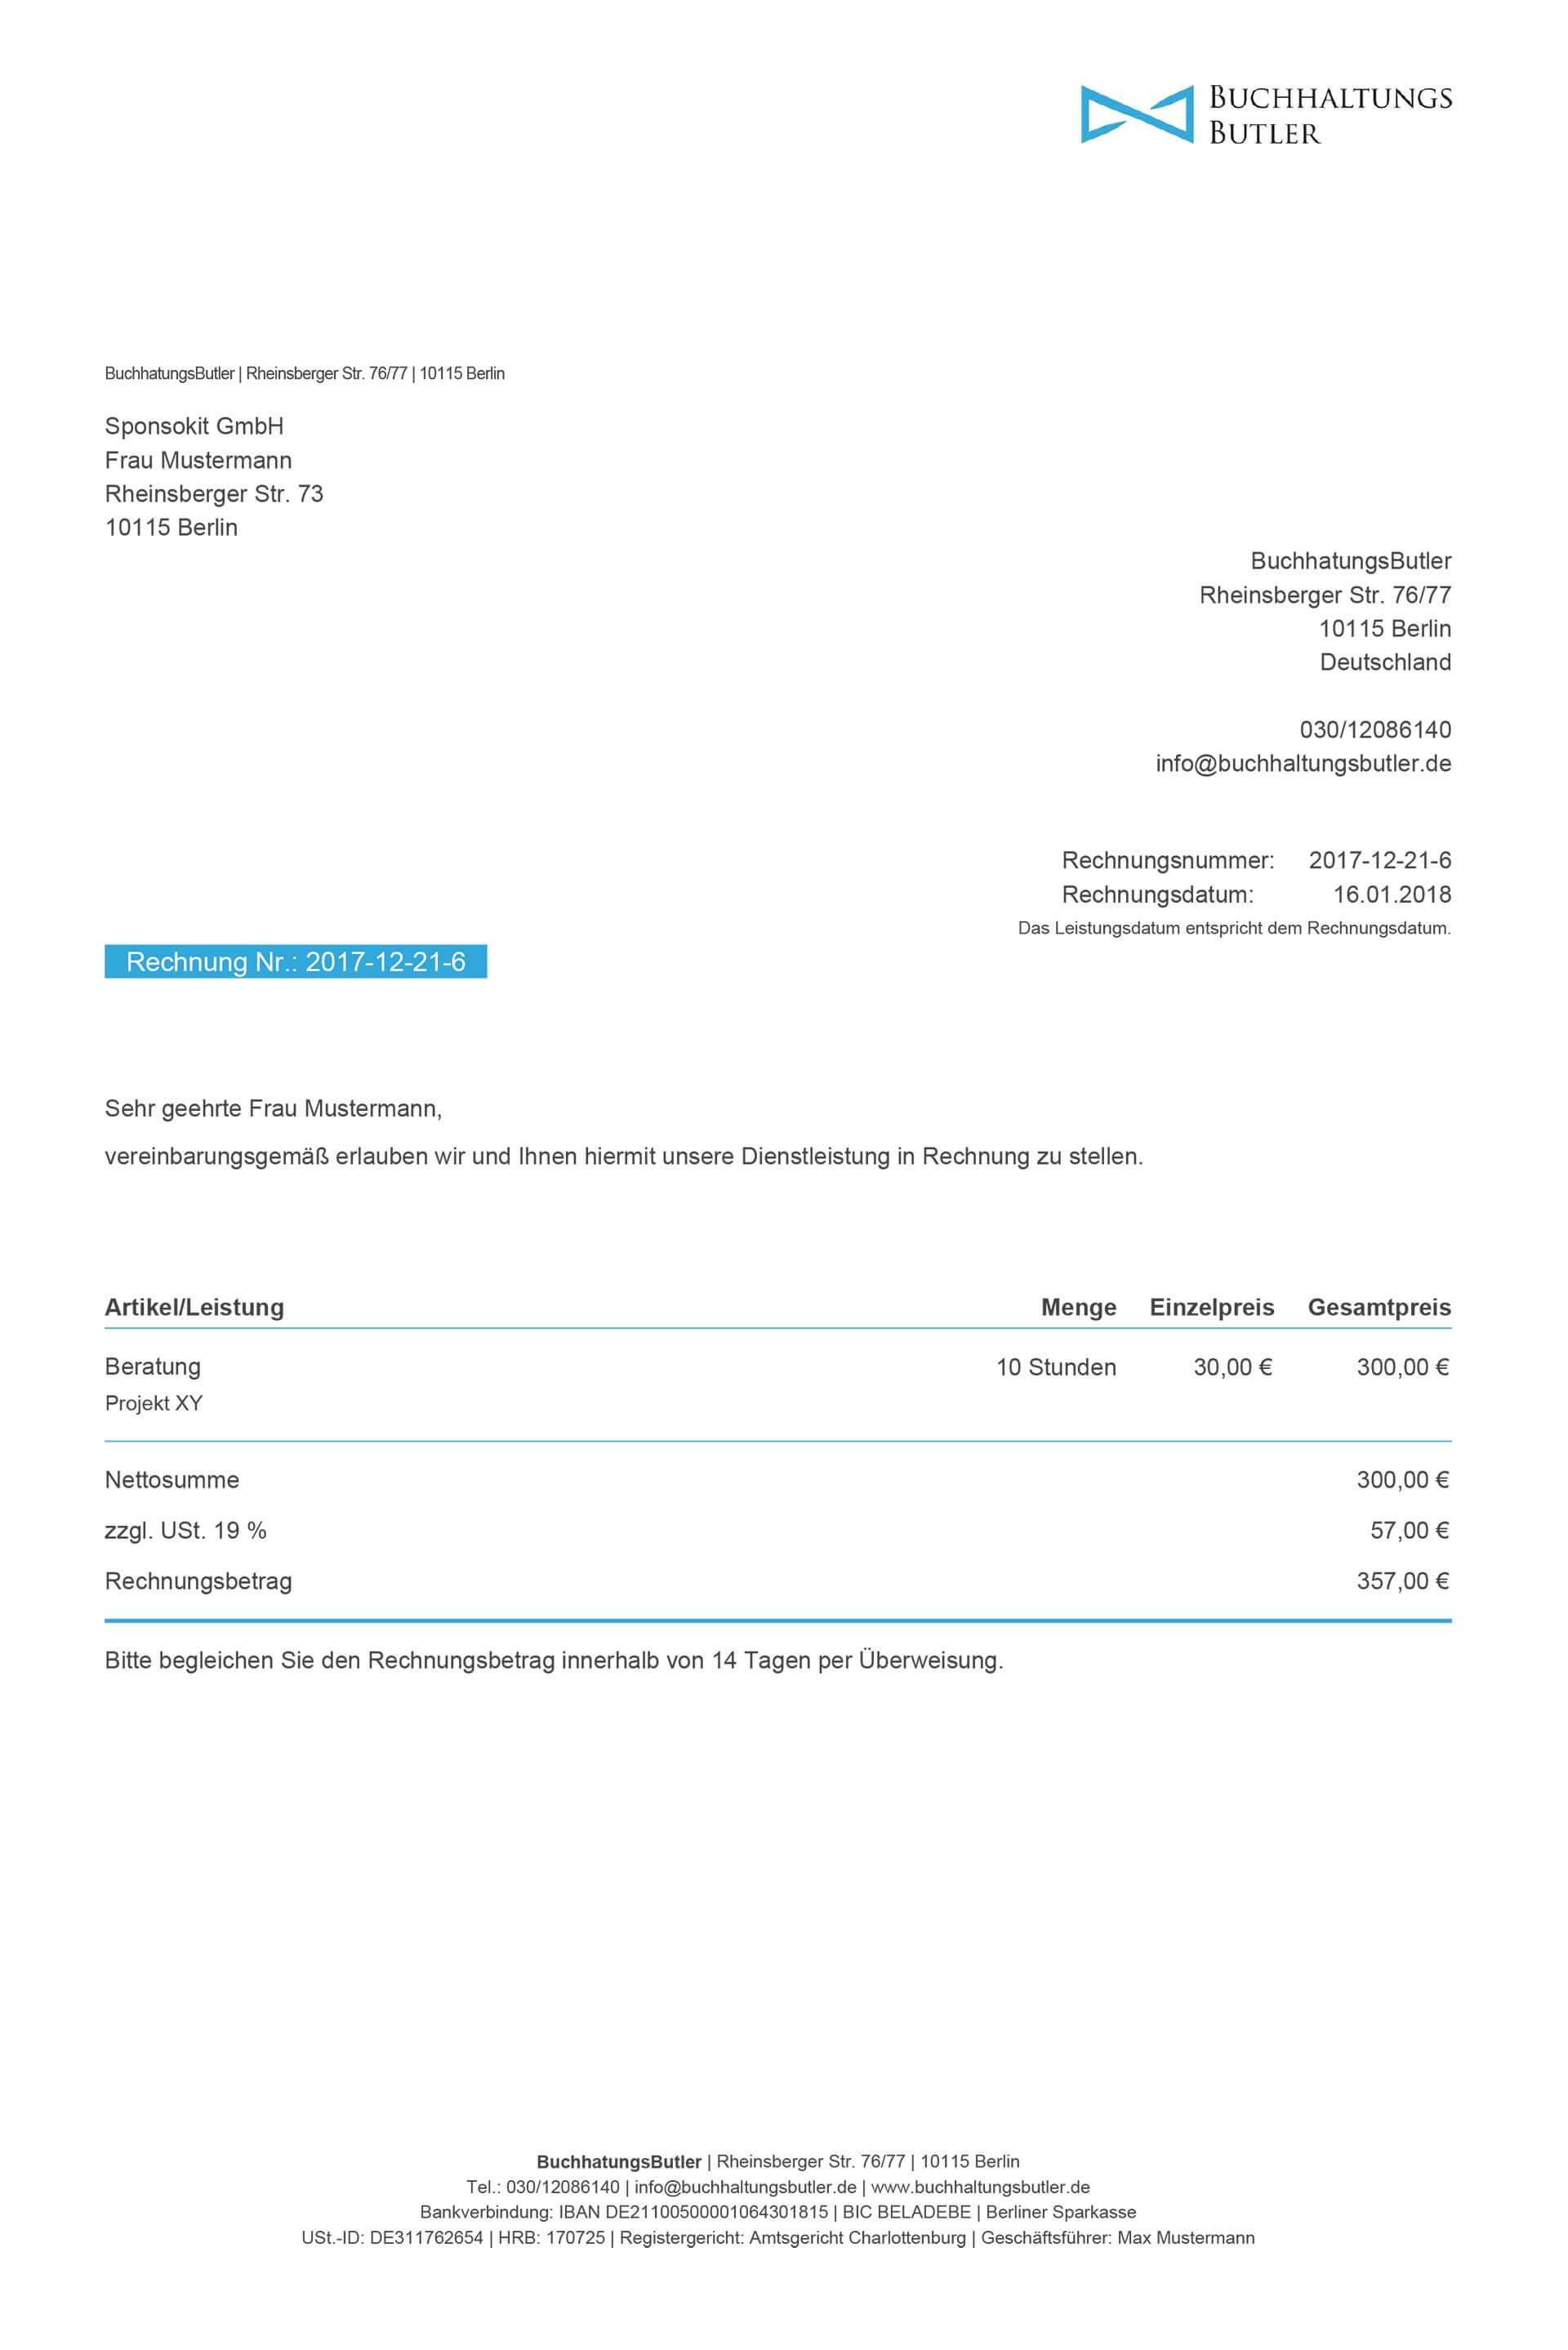 Fertiges Rechnungsdokument